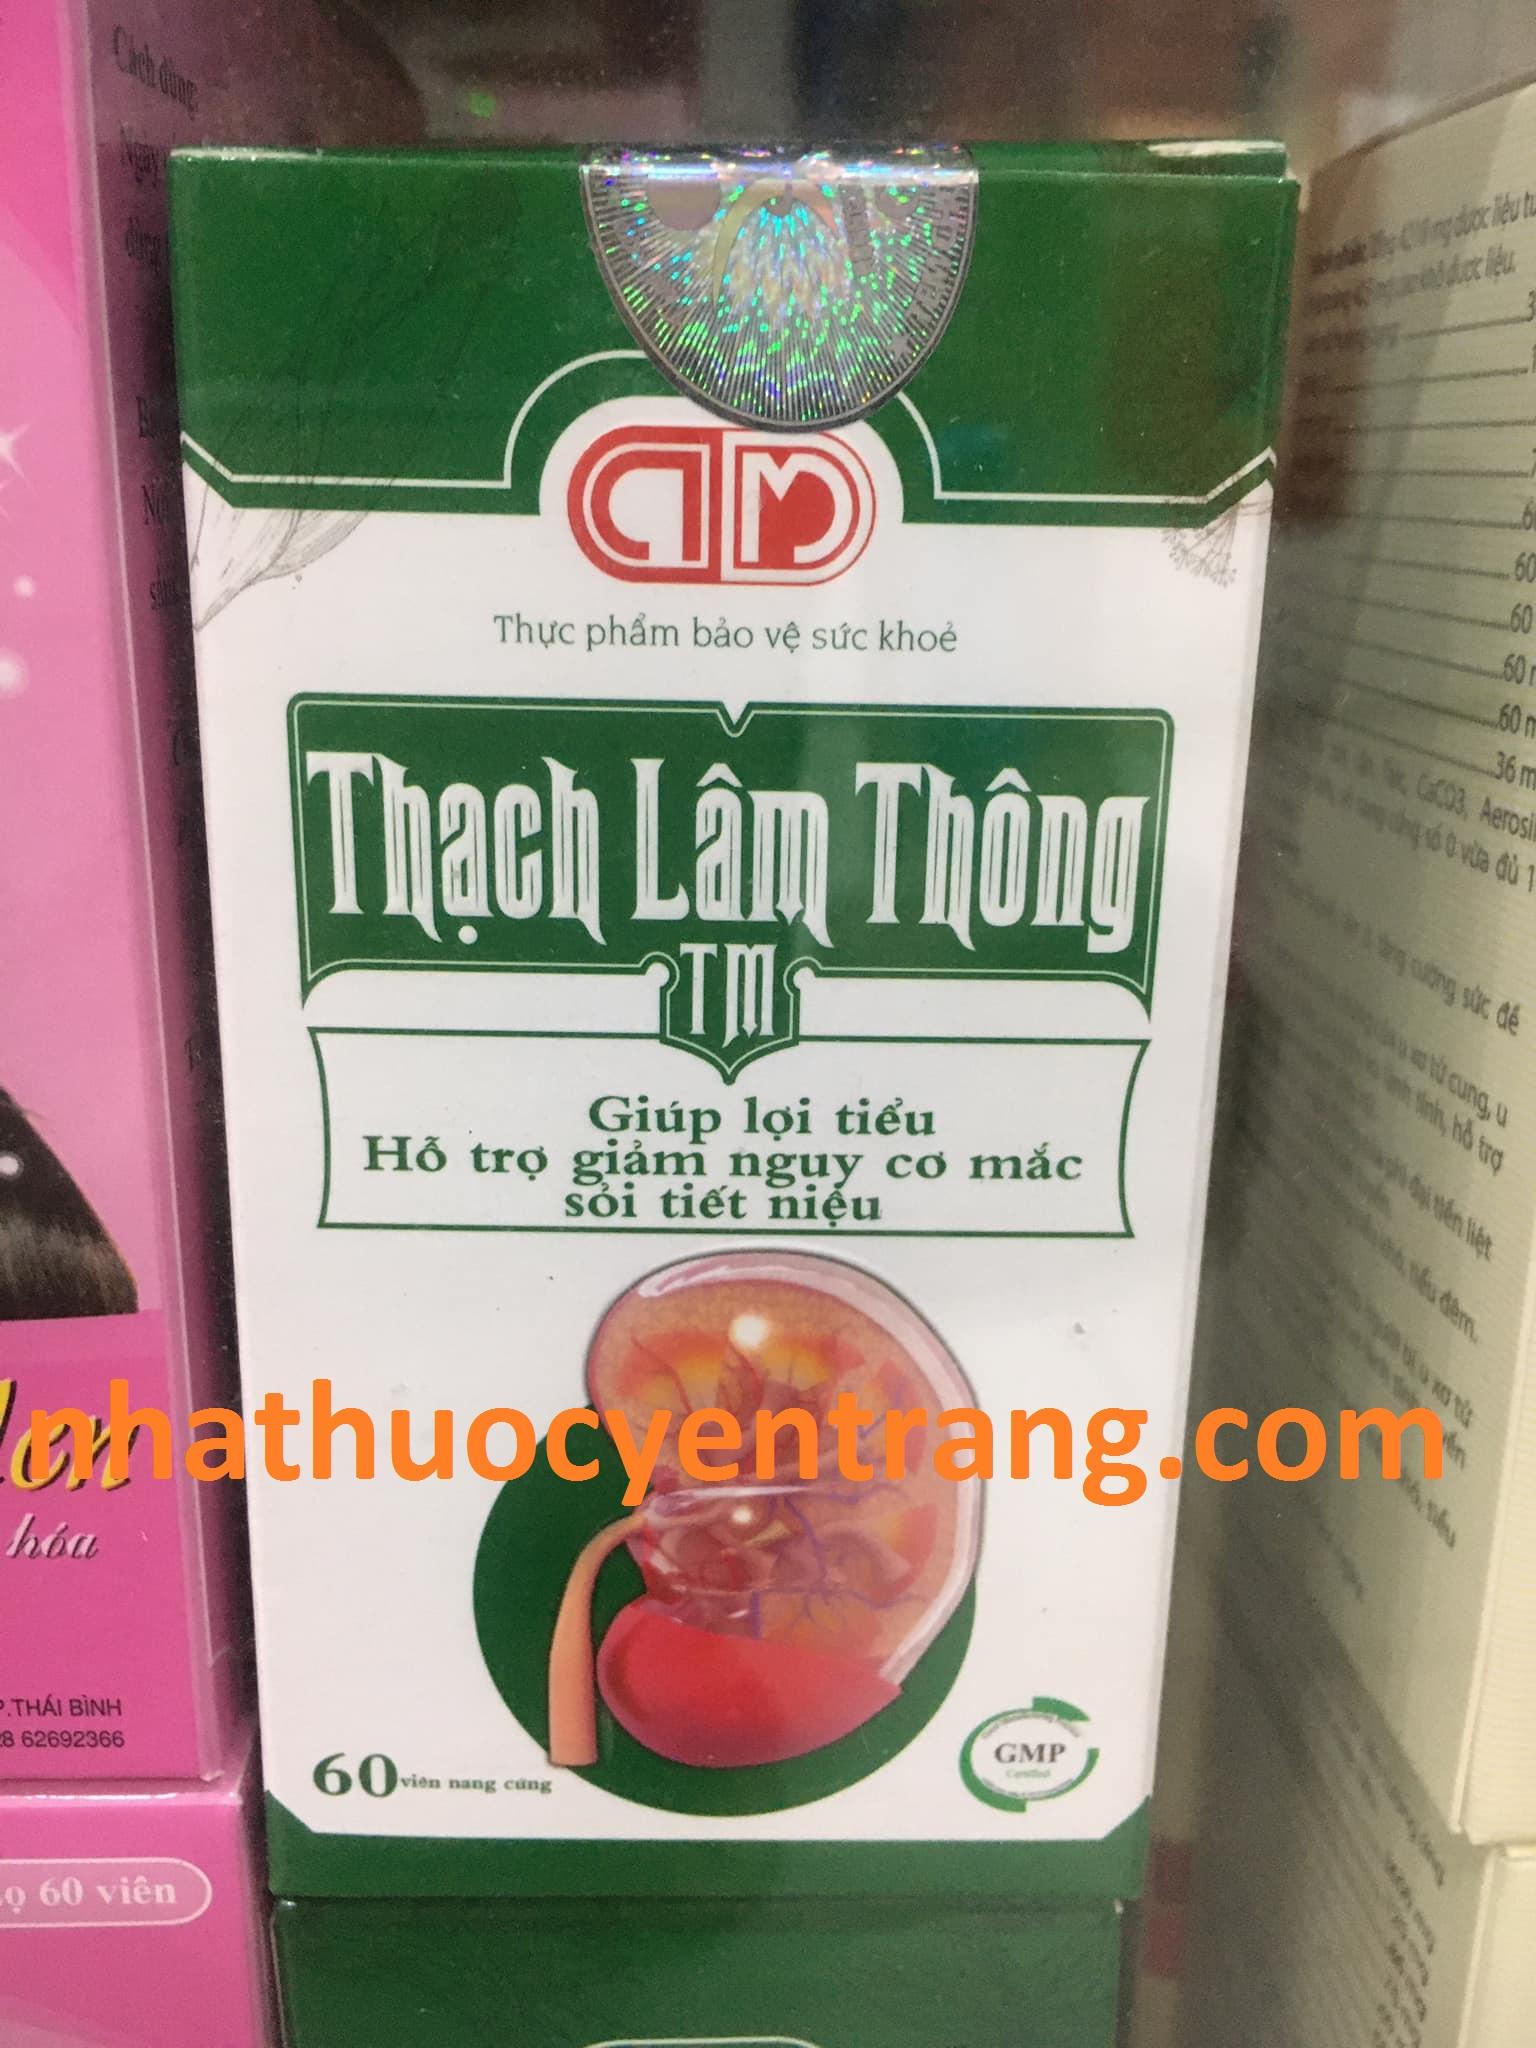 Thạch Lâm Thông Trang Minh